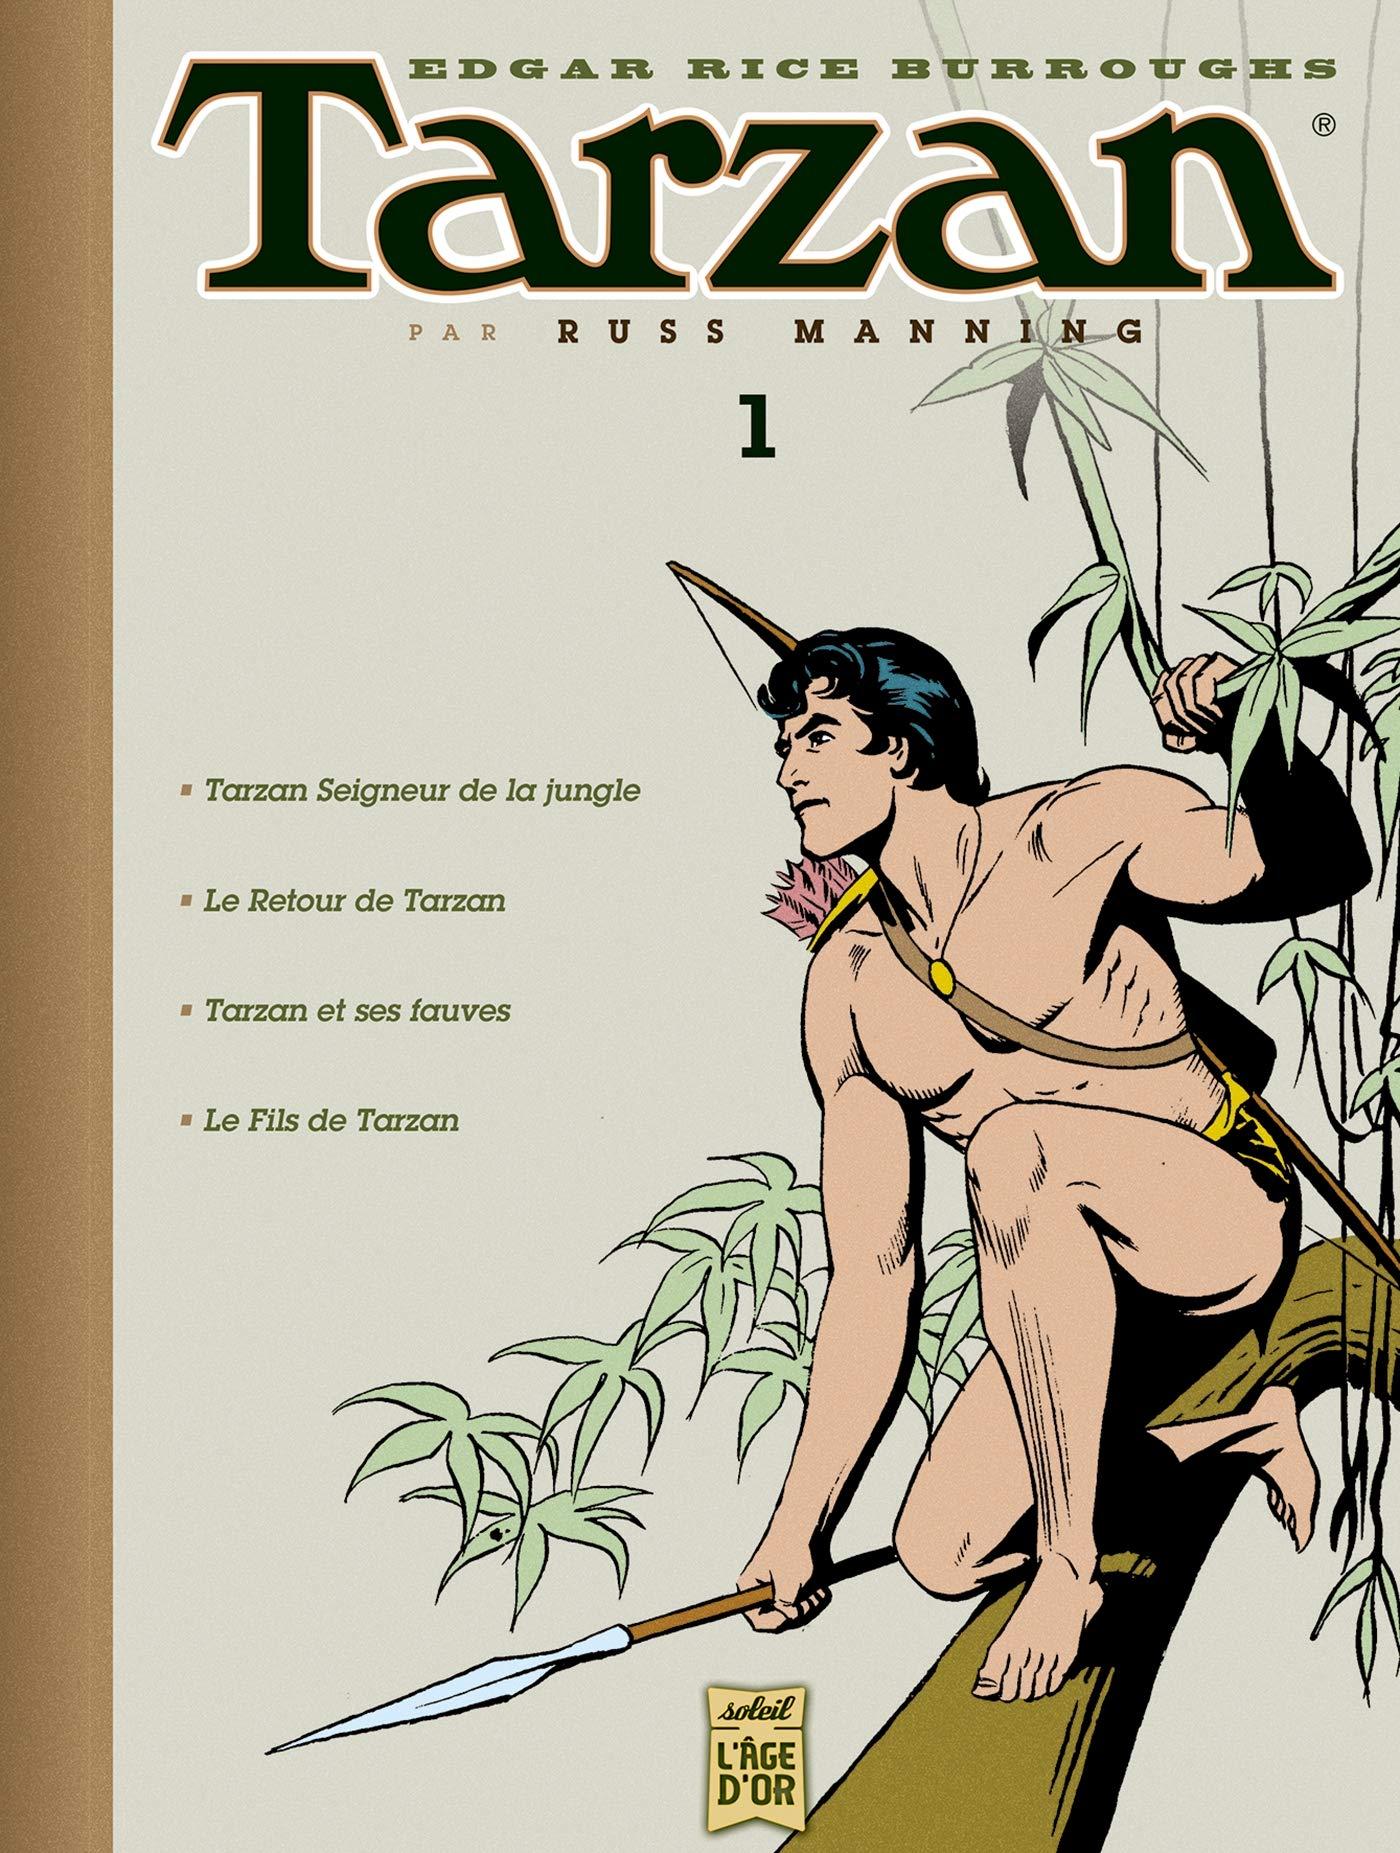 Couverture du premier volume de l'intégrale « Tarzan », paru en 2010 (Soleil US Comics) et regroupant des histoires dessinées par Russ Manning.